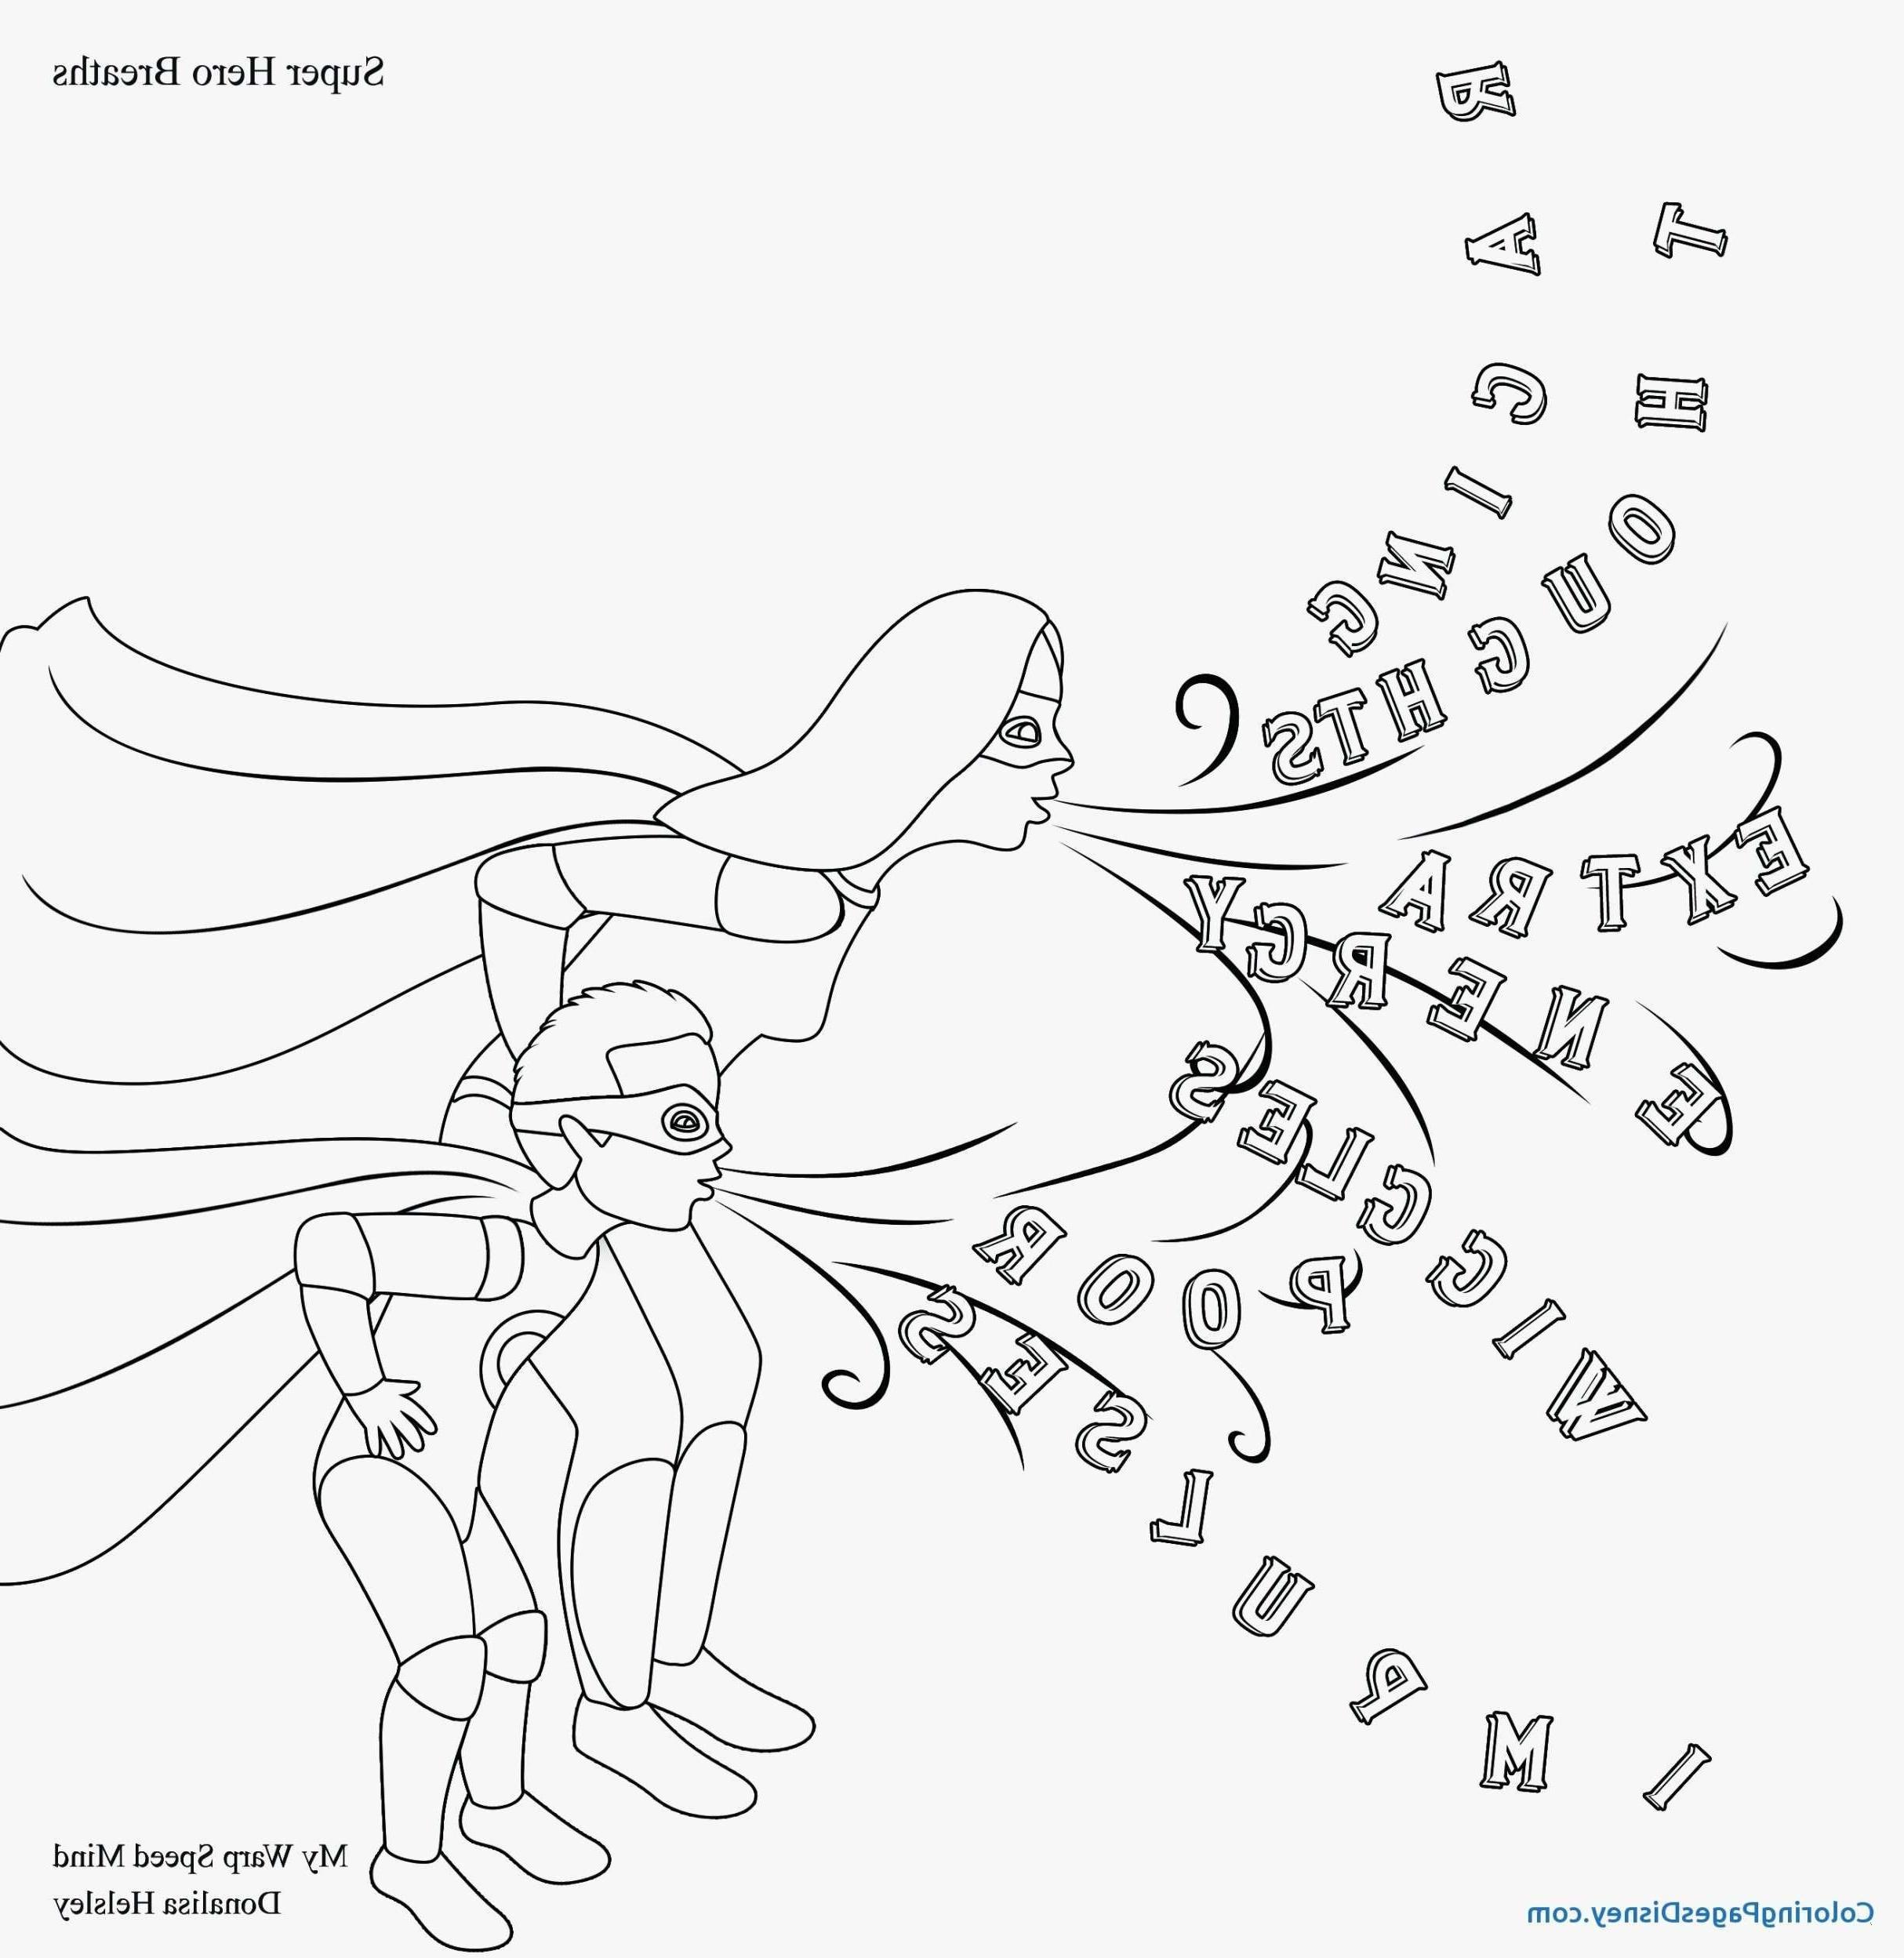 Wirkung Von Viagra Inspirierend 35 Inspirierend Meerjungfrau Bilder Zum Ausmalen – Malvorlagen Ideen Bild